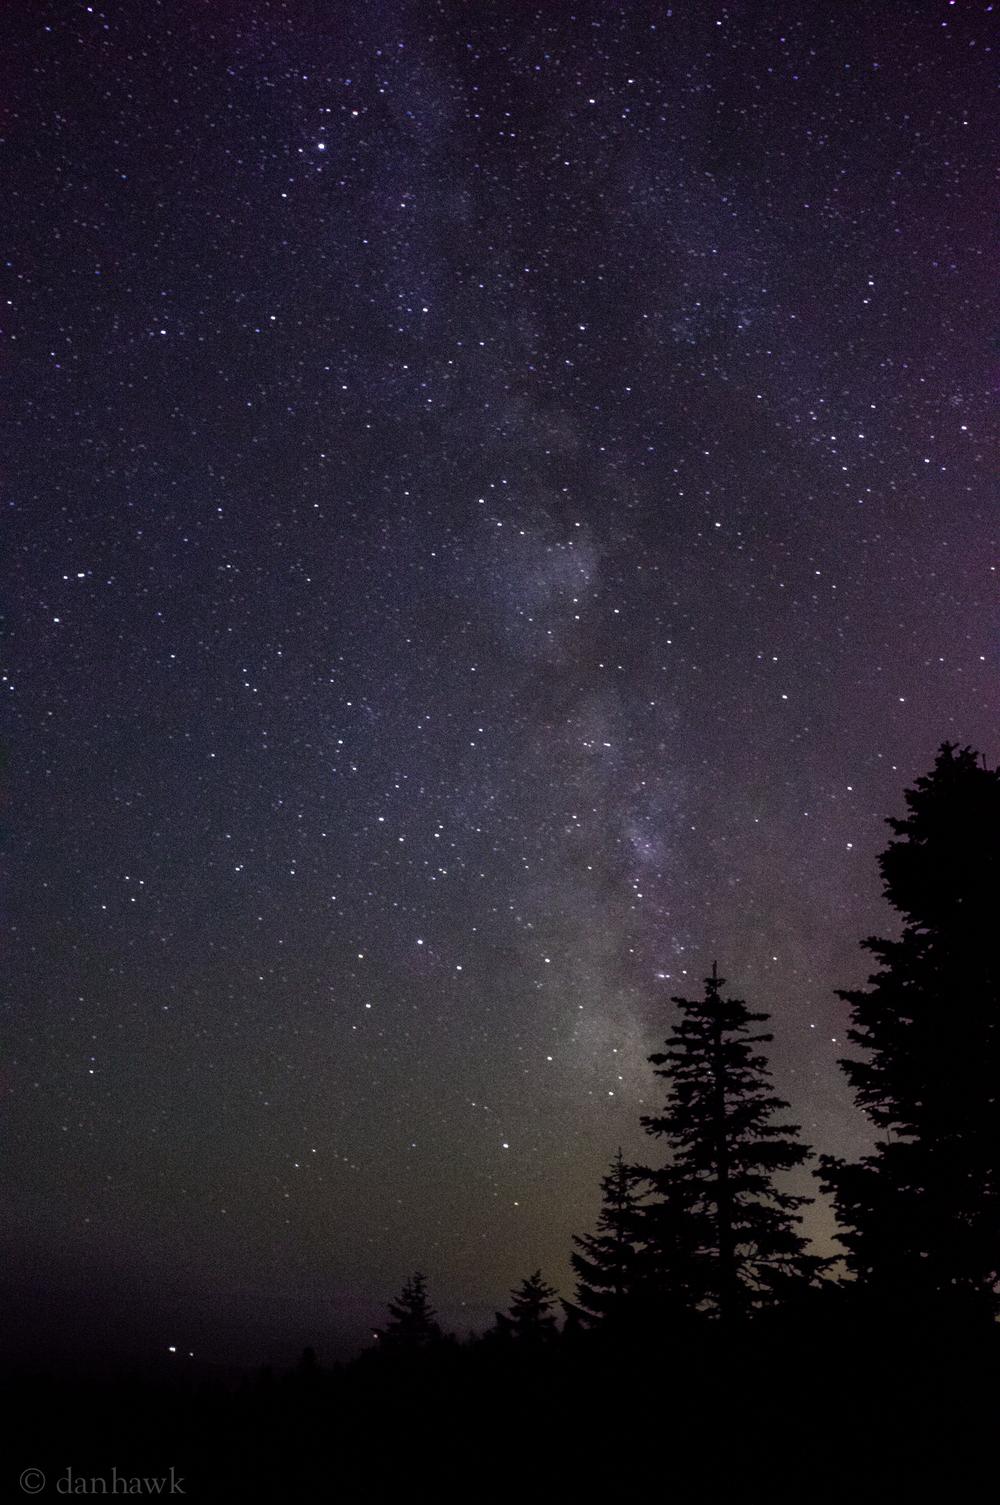 Larch Mt. Milky Way | 25sec, ISO 320, 18mm, f/6.3 | Sony NEX 5N